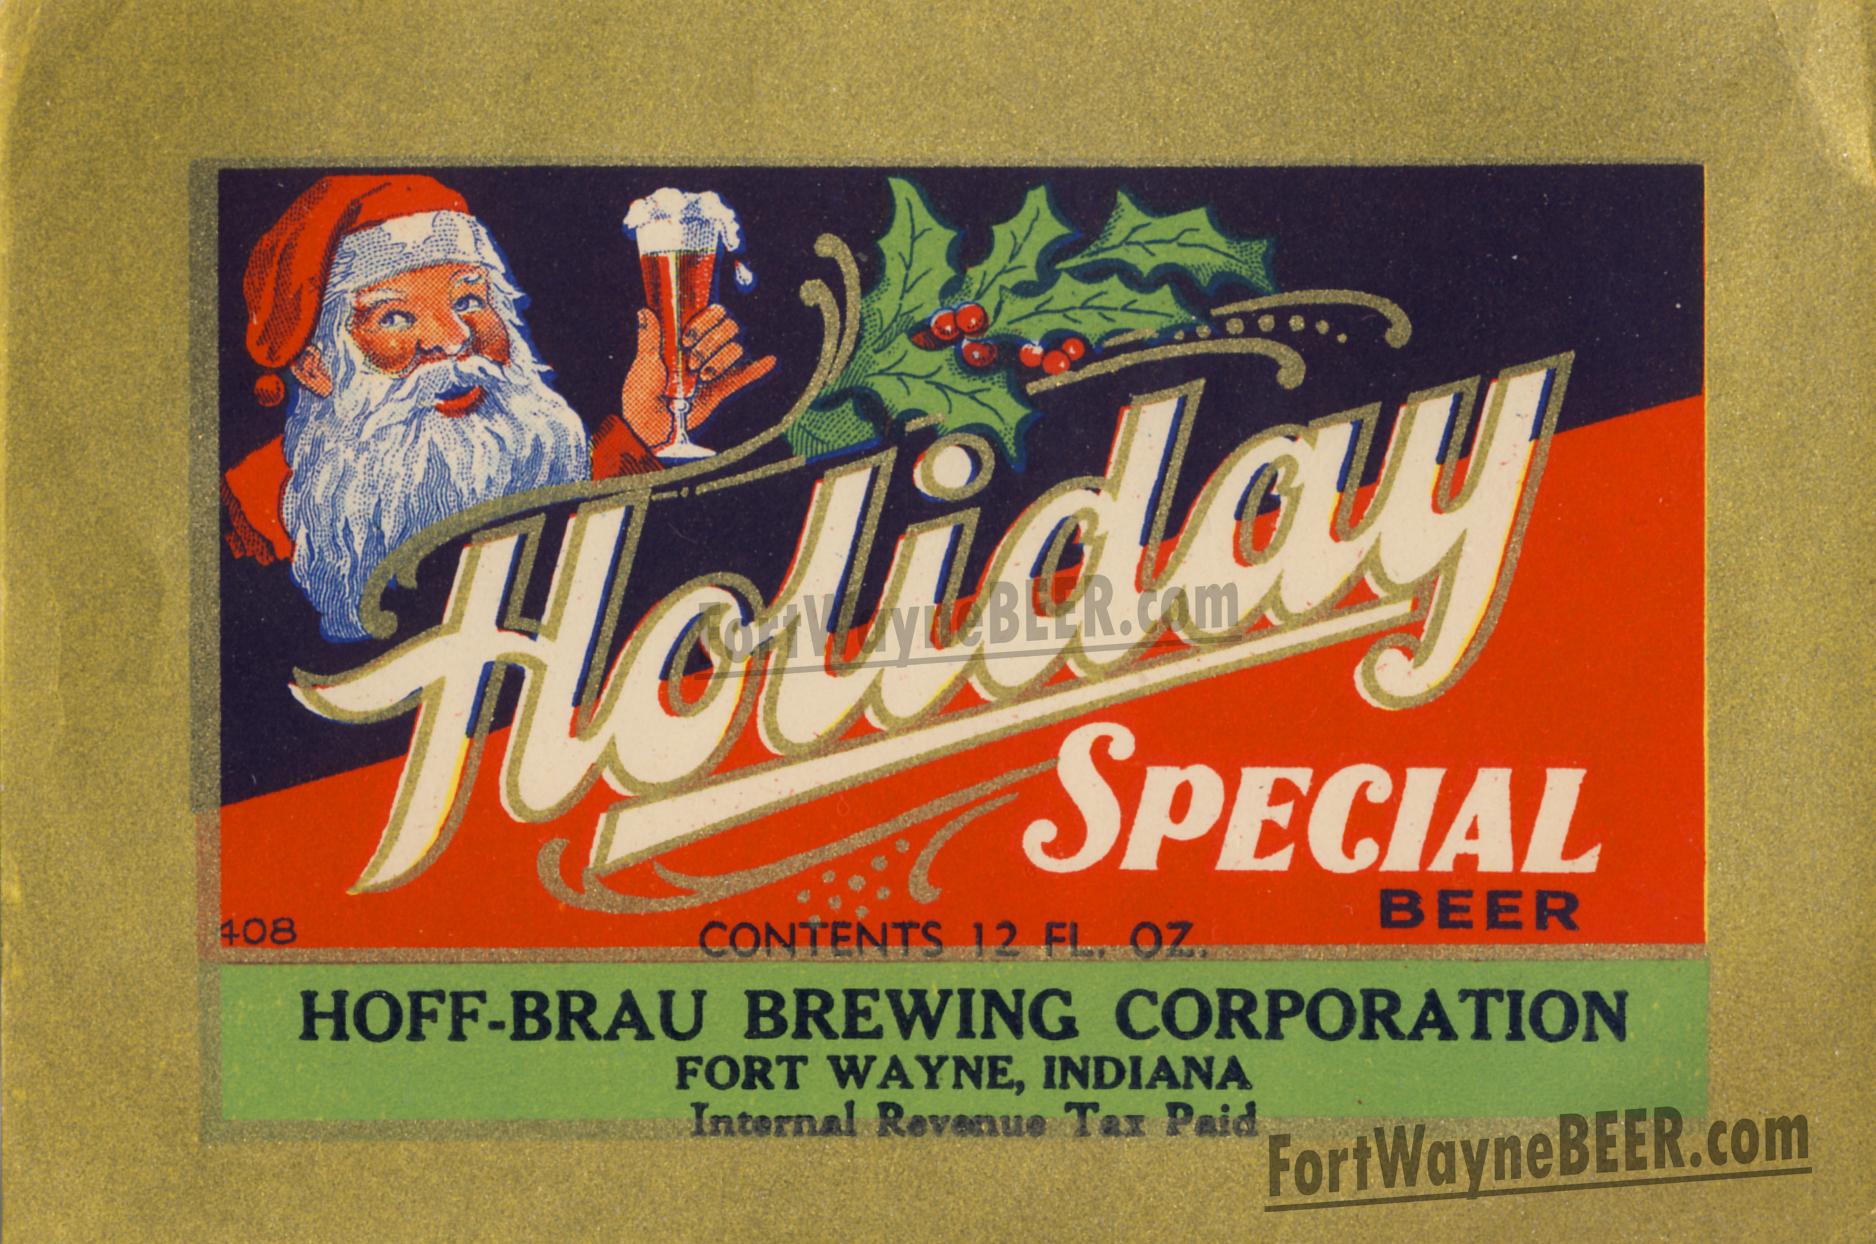 Hoff-Brau Holiday Special Beer label 1 copy.png